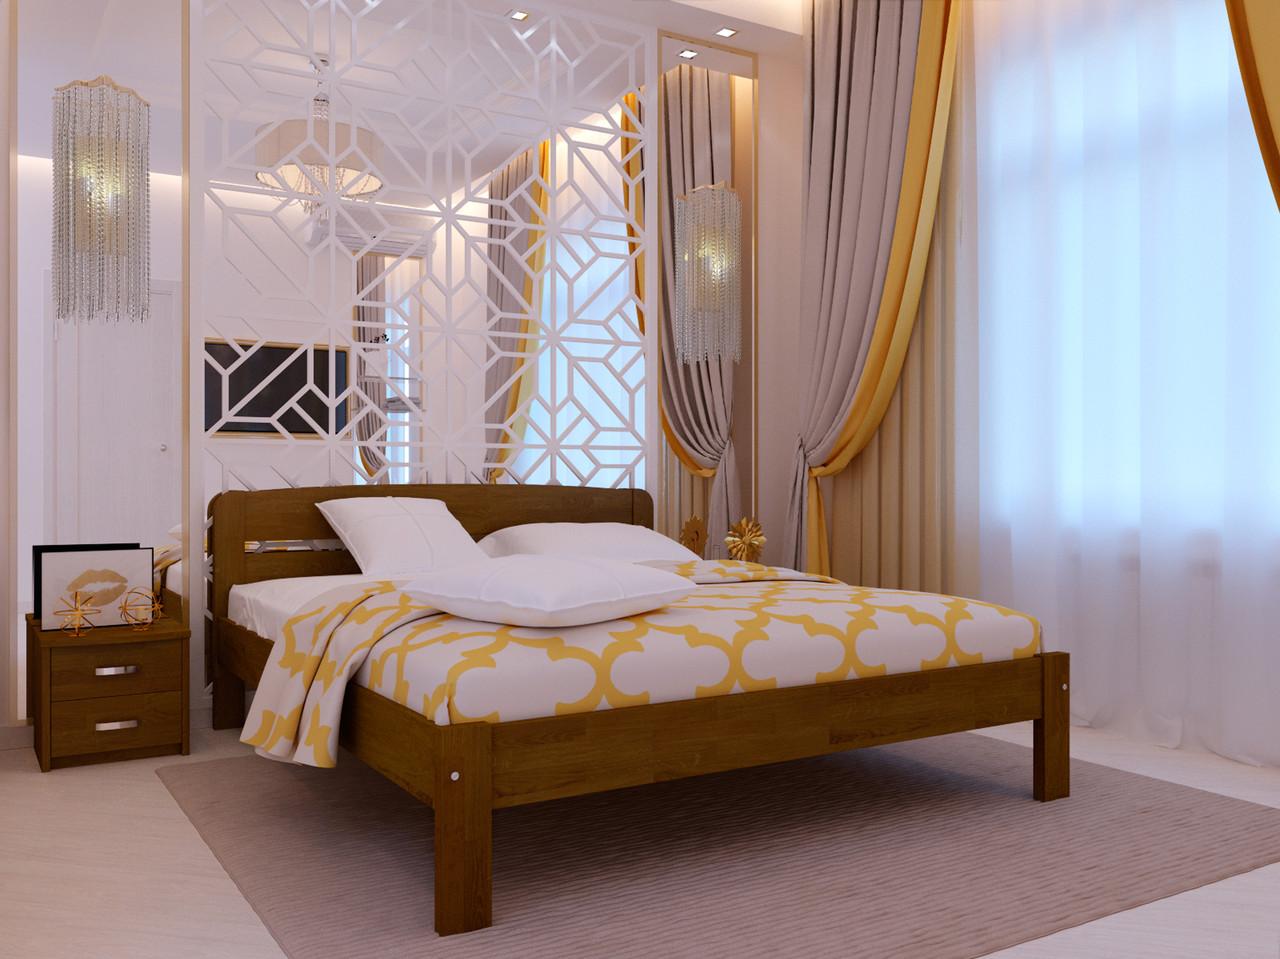 Ліжко двоспальне з натурального дерева в спальню Октавія 1 (бук)160*200 Неомеблі